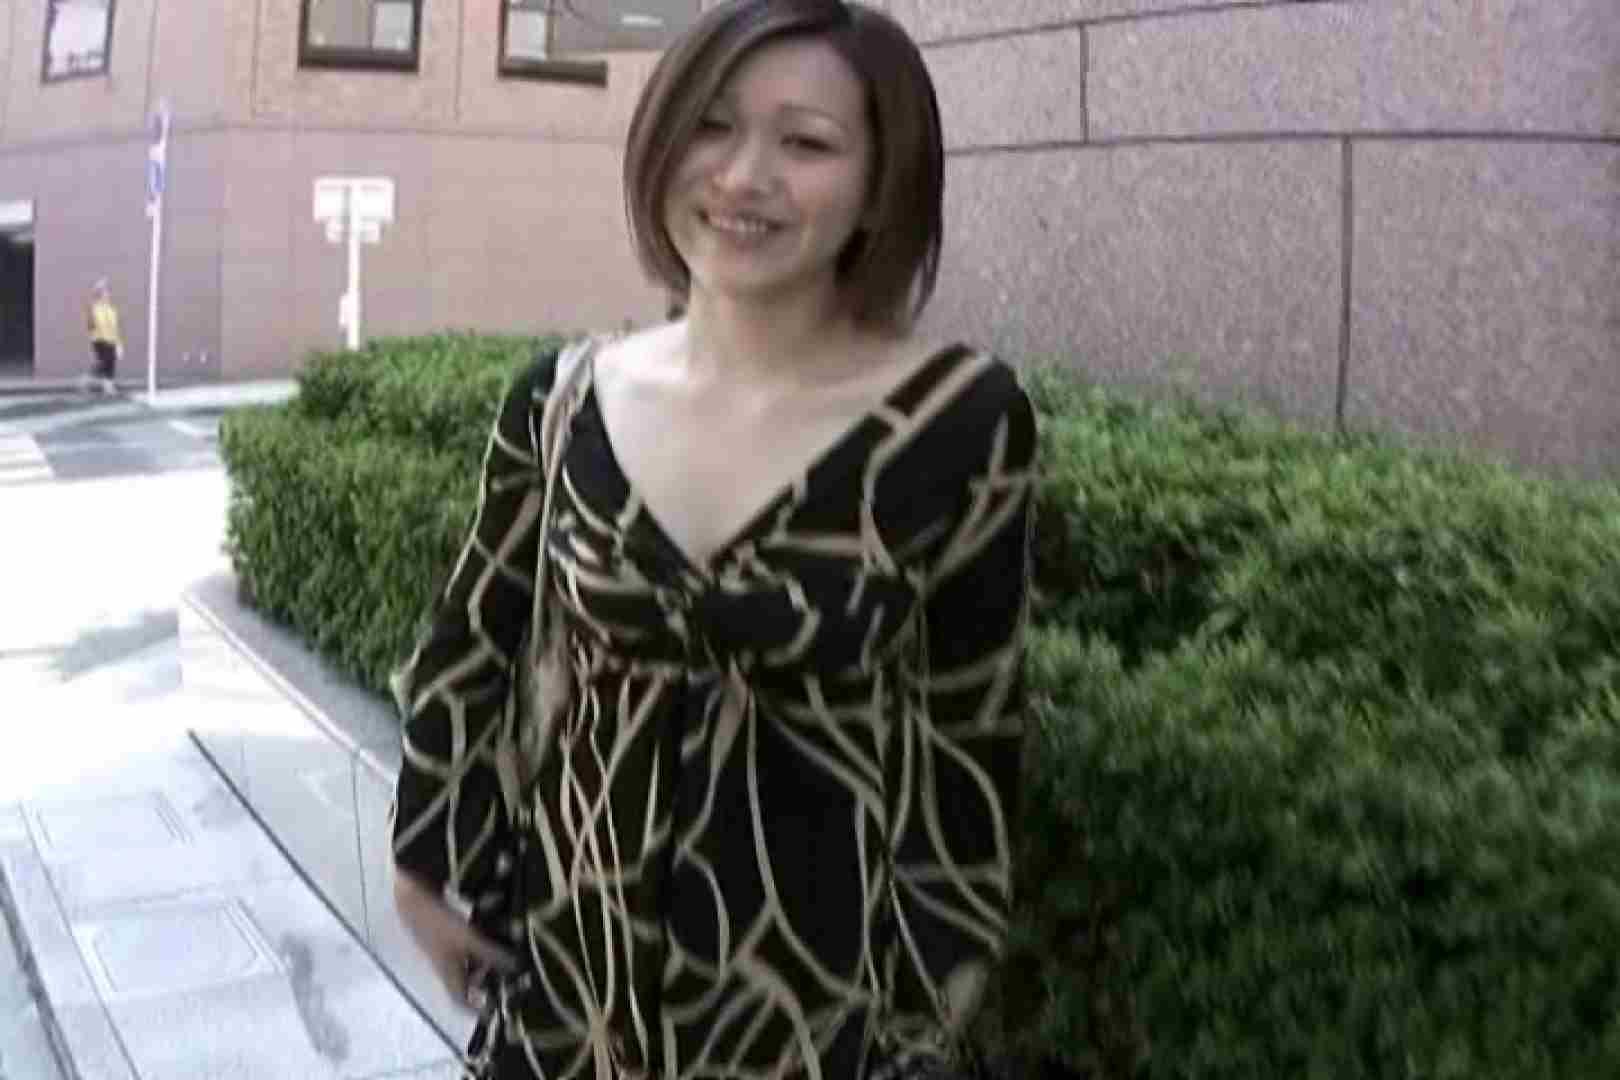 素人モデル撮っちゃいました chisa 素人流出 ヌード画像 98PIX 26